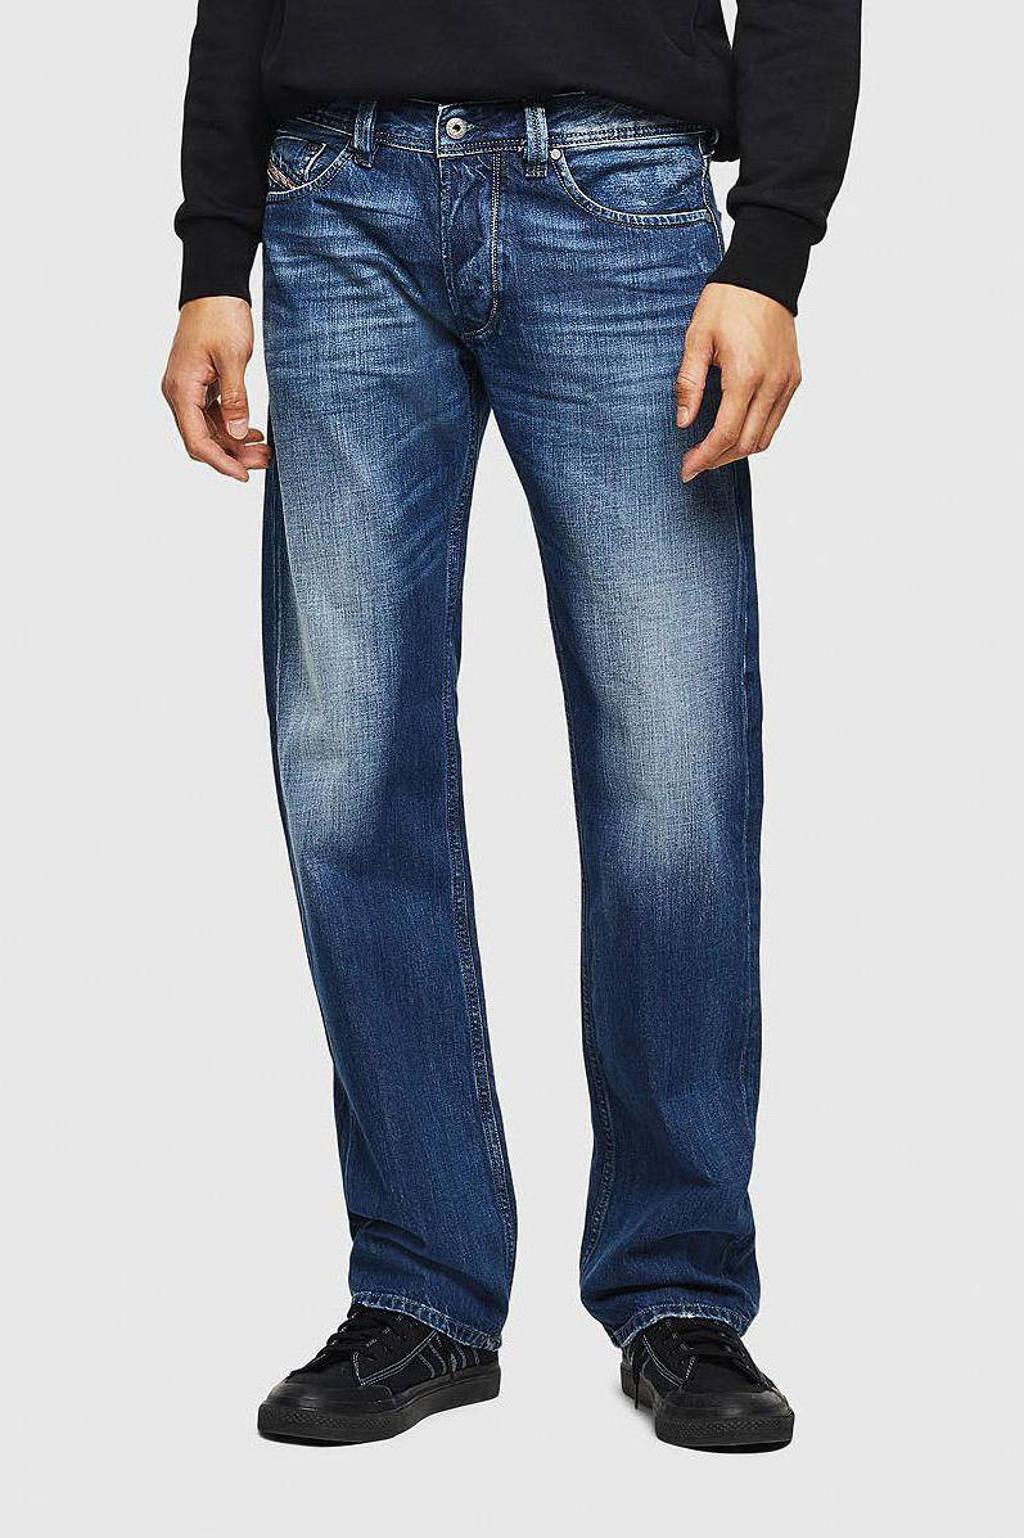 Diesel straight fit jeans Larkee mid blue, Mid blue